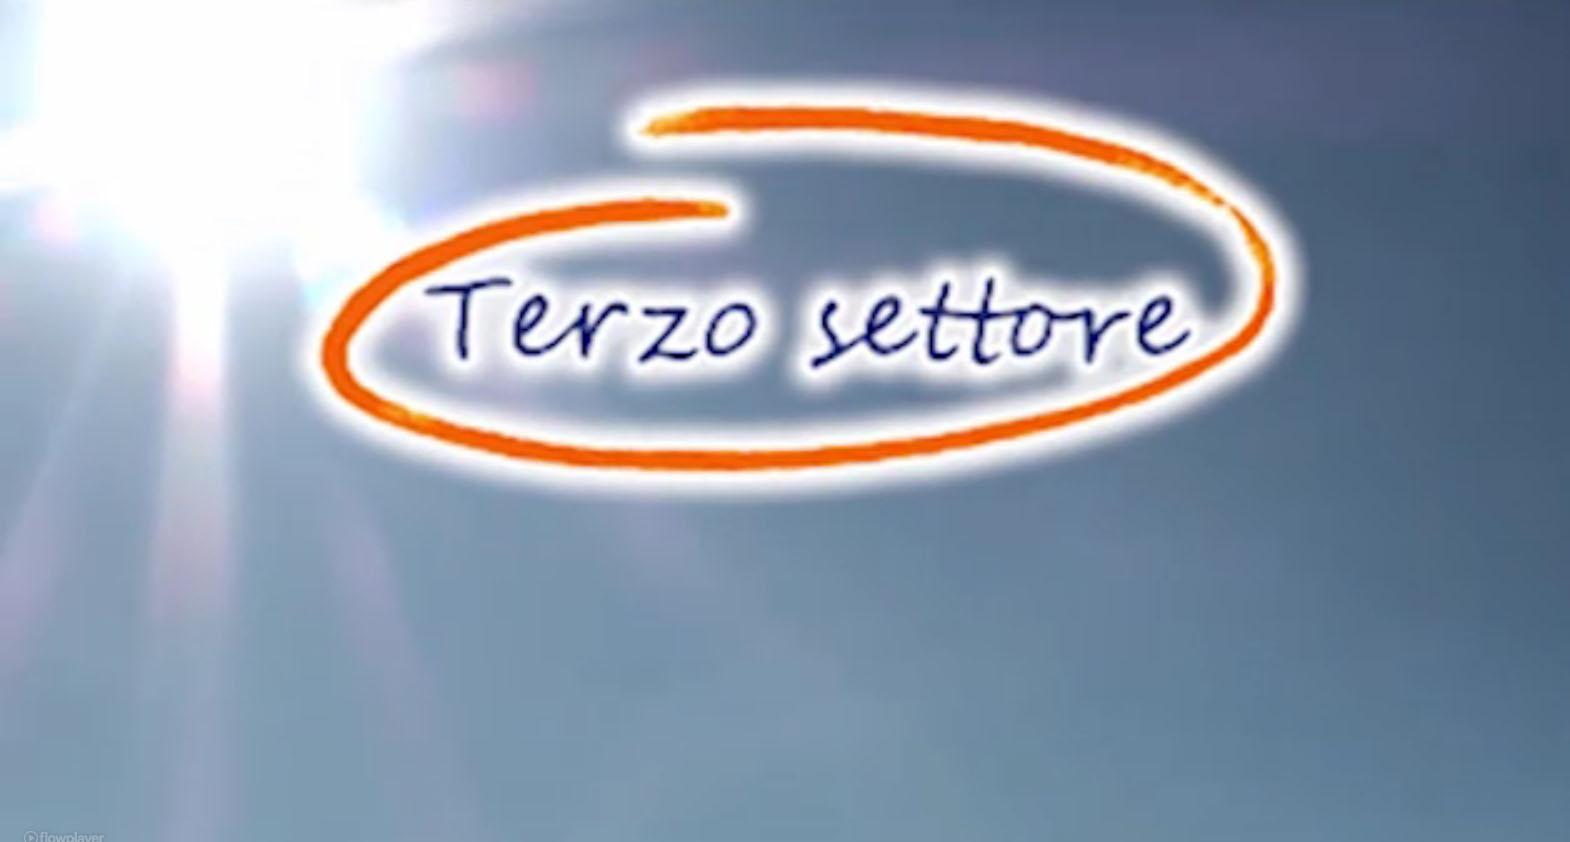 TERZO SETTORE